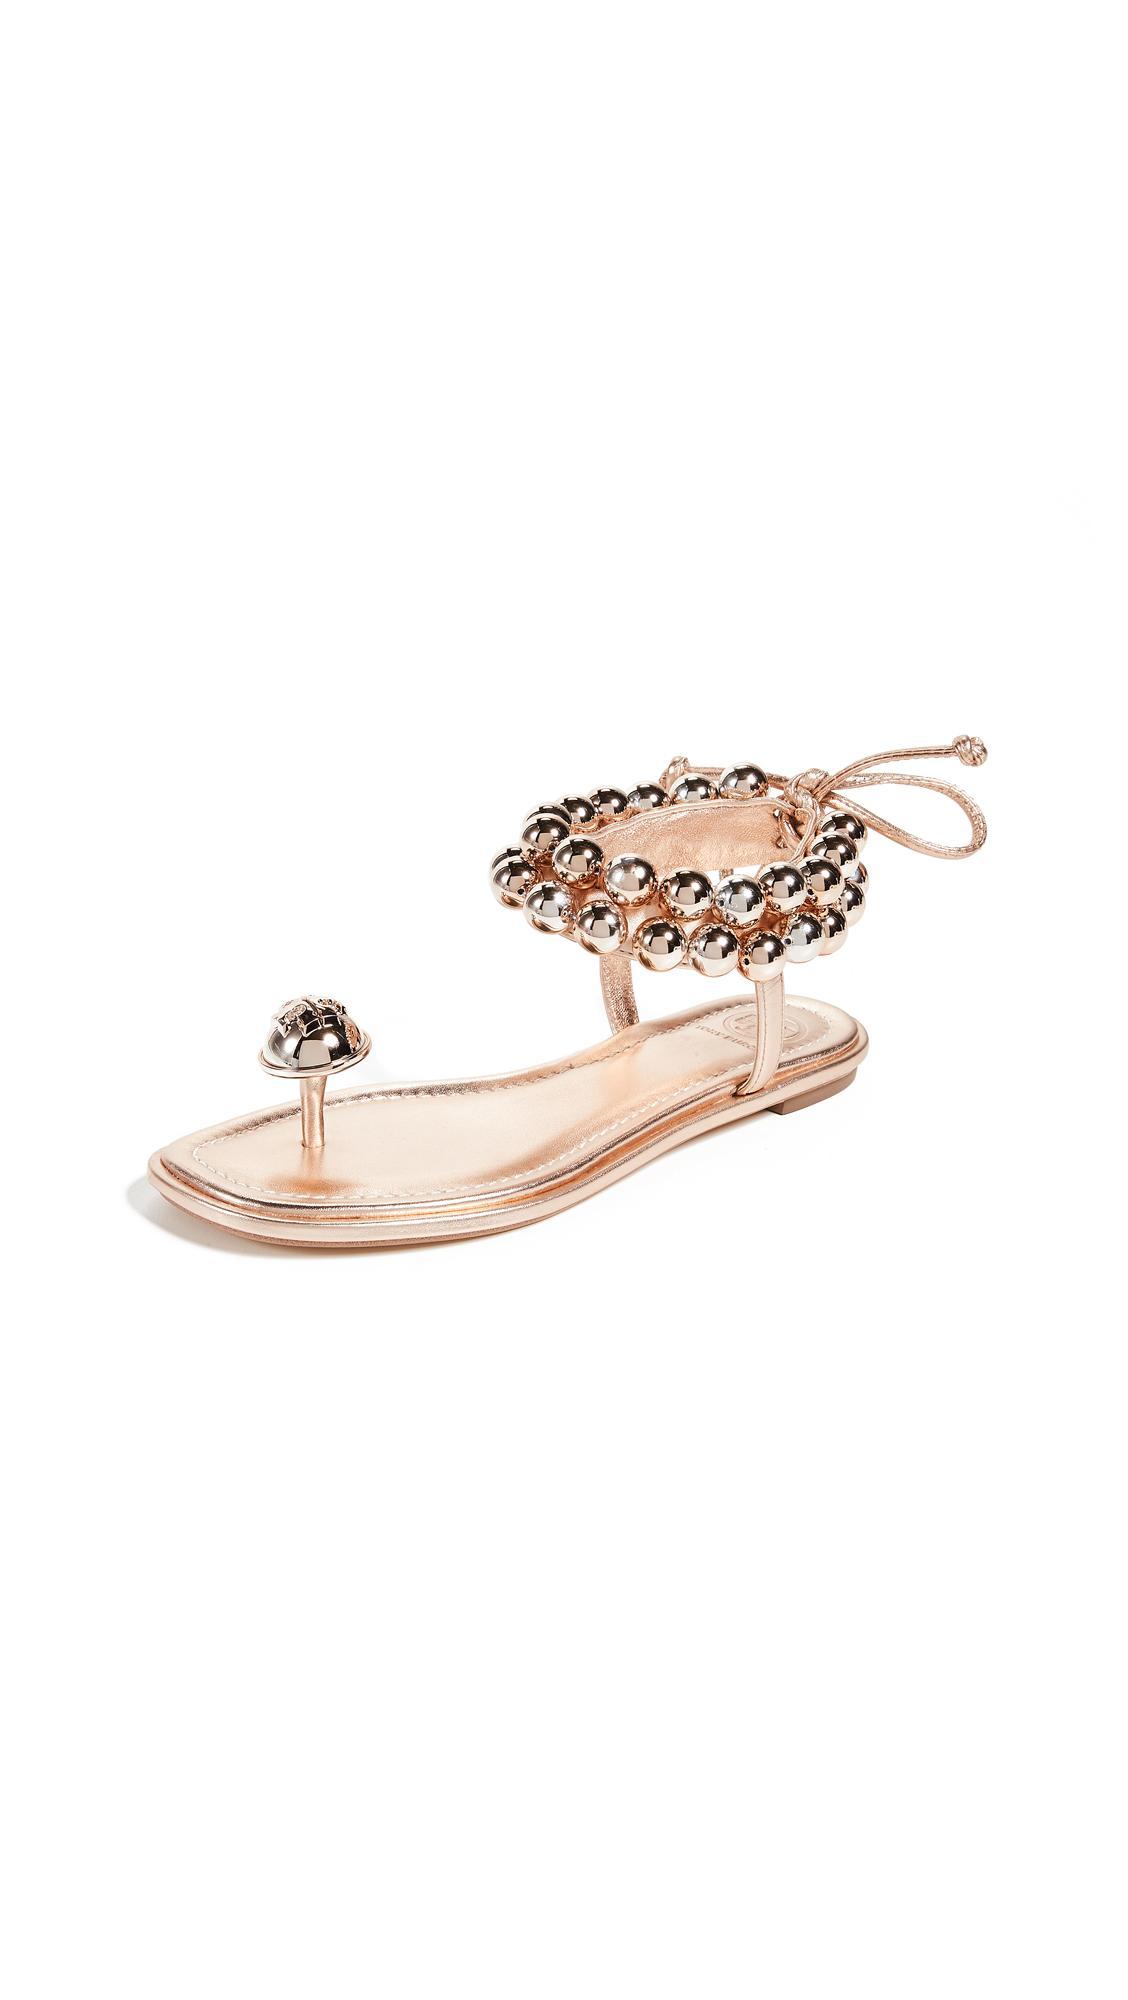 28c35da510b7a Tory Burch Melody Ankle Strap Sandals In Rose Gold